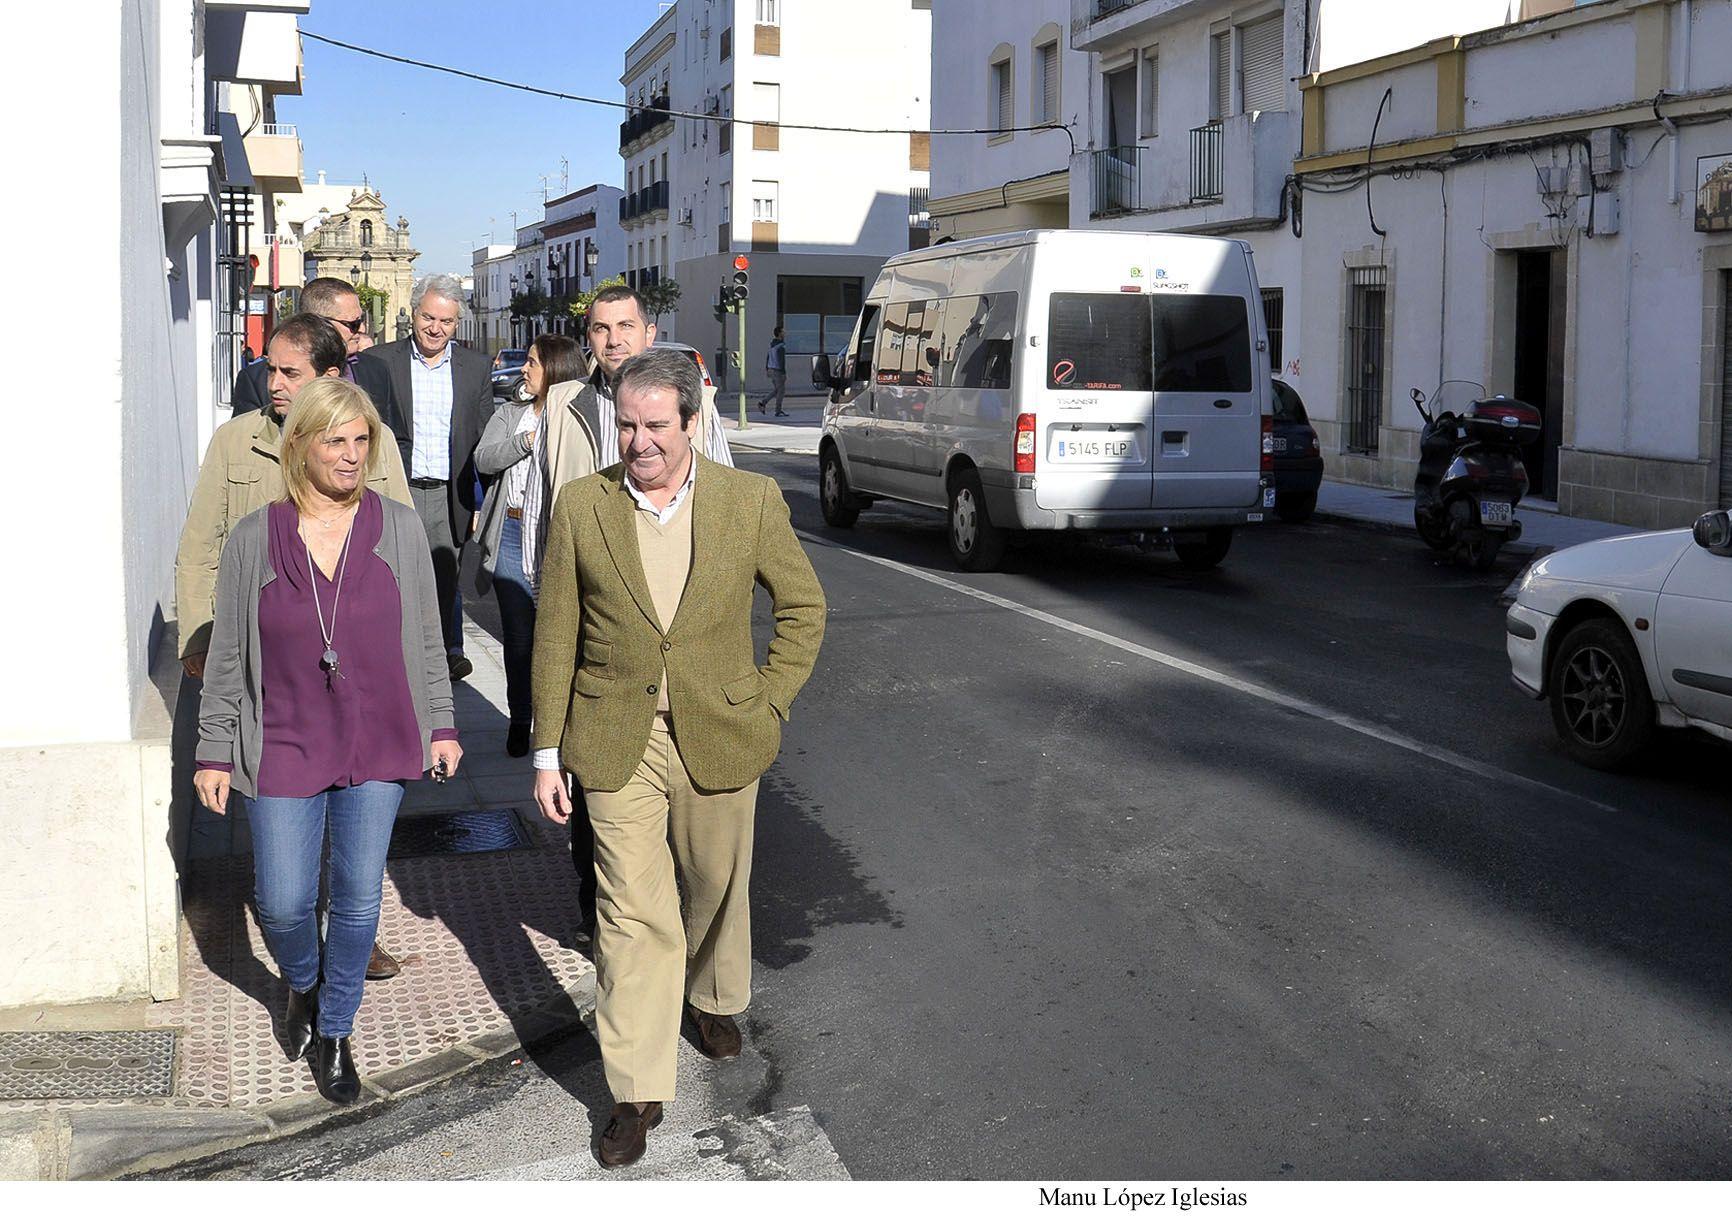 Garc A Pelayo Visita La Calle Puerta Del Sol Donde Han